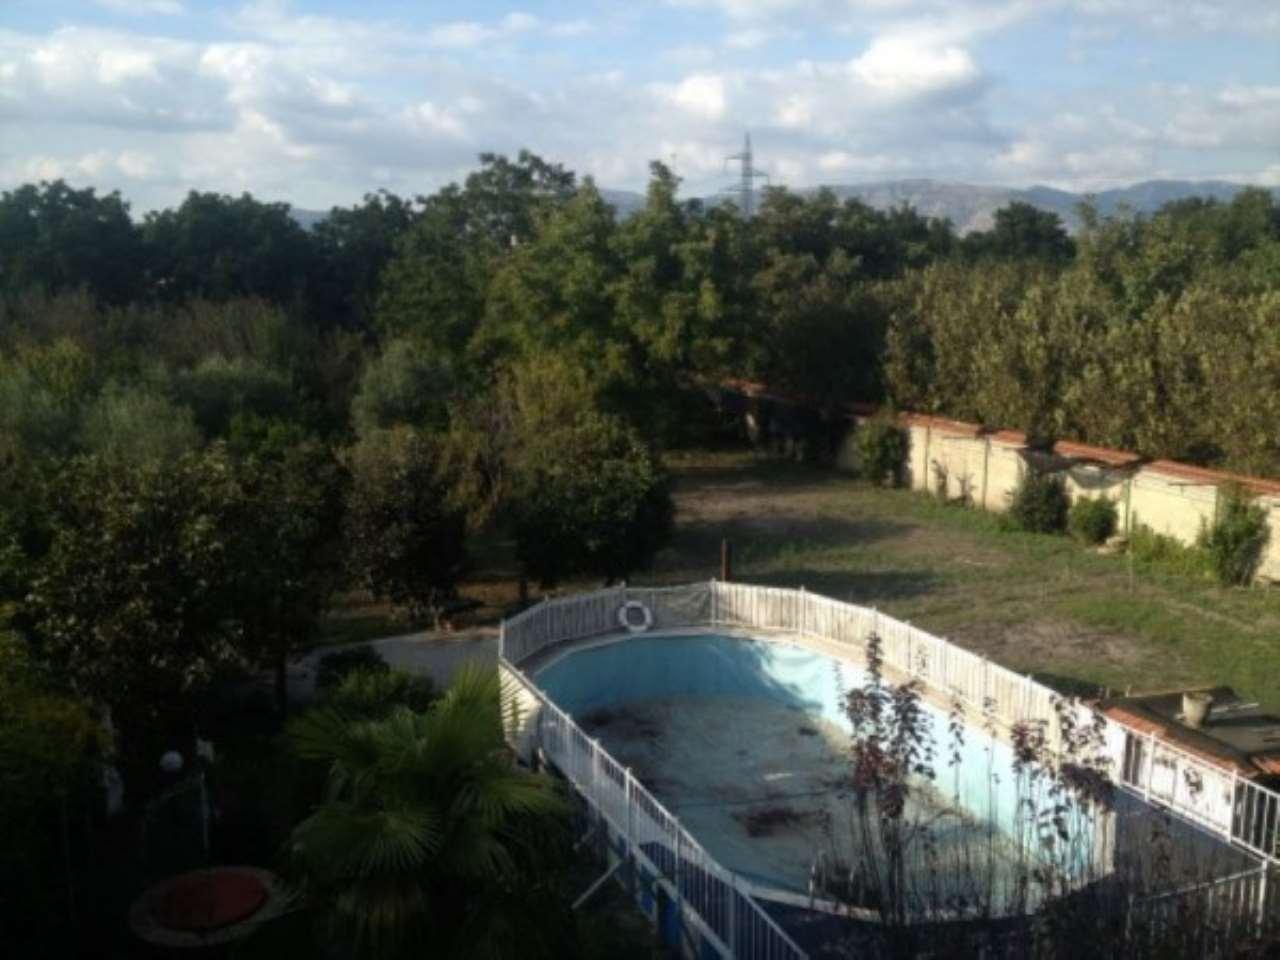 Villa in vendita a Saviano, 6 locali, prezzo € 380.000 | CambioCasa.it